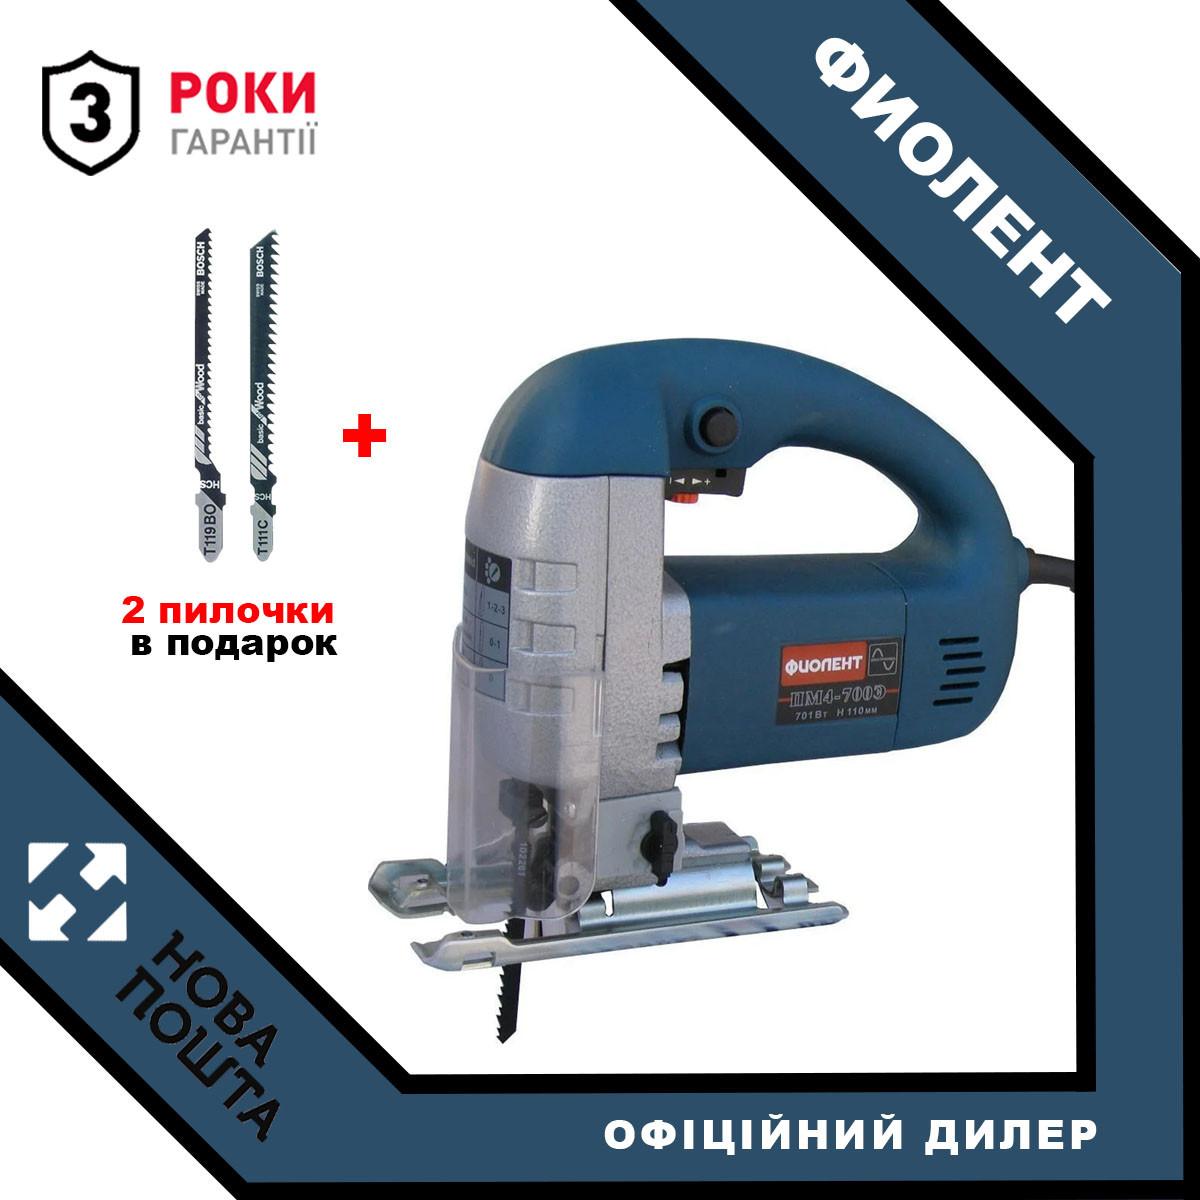 Електролобзик Фиолент ПМ4-700Э + пилочки для лобзика Bosch - 2шт